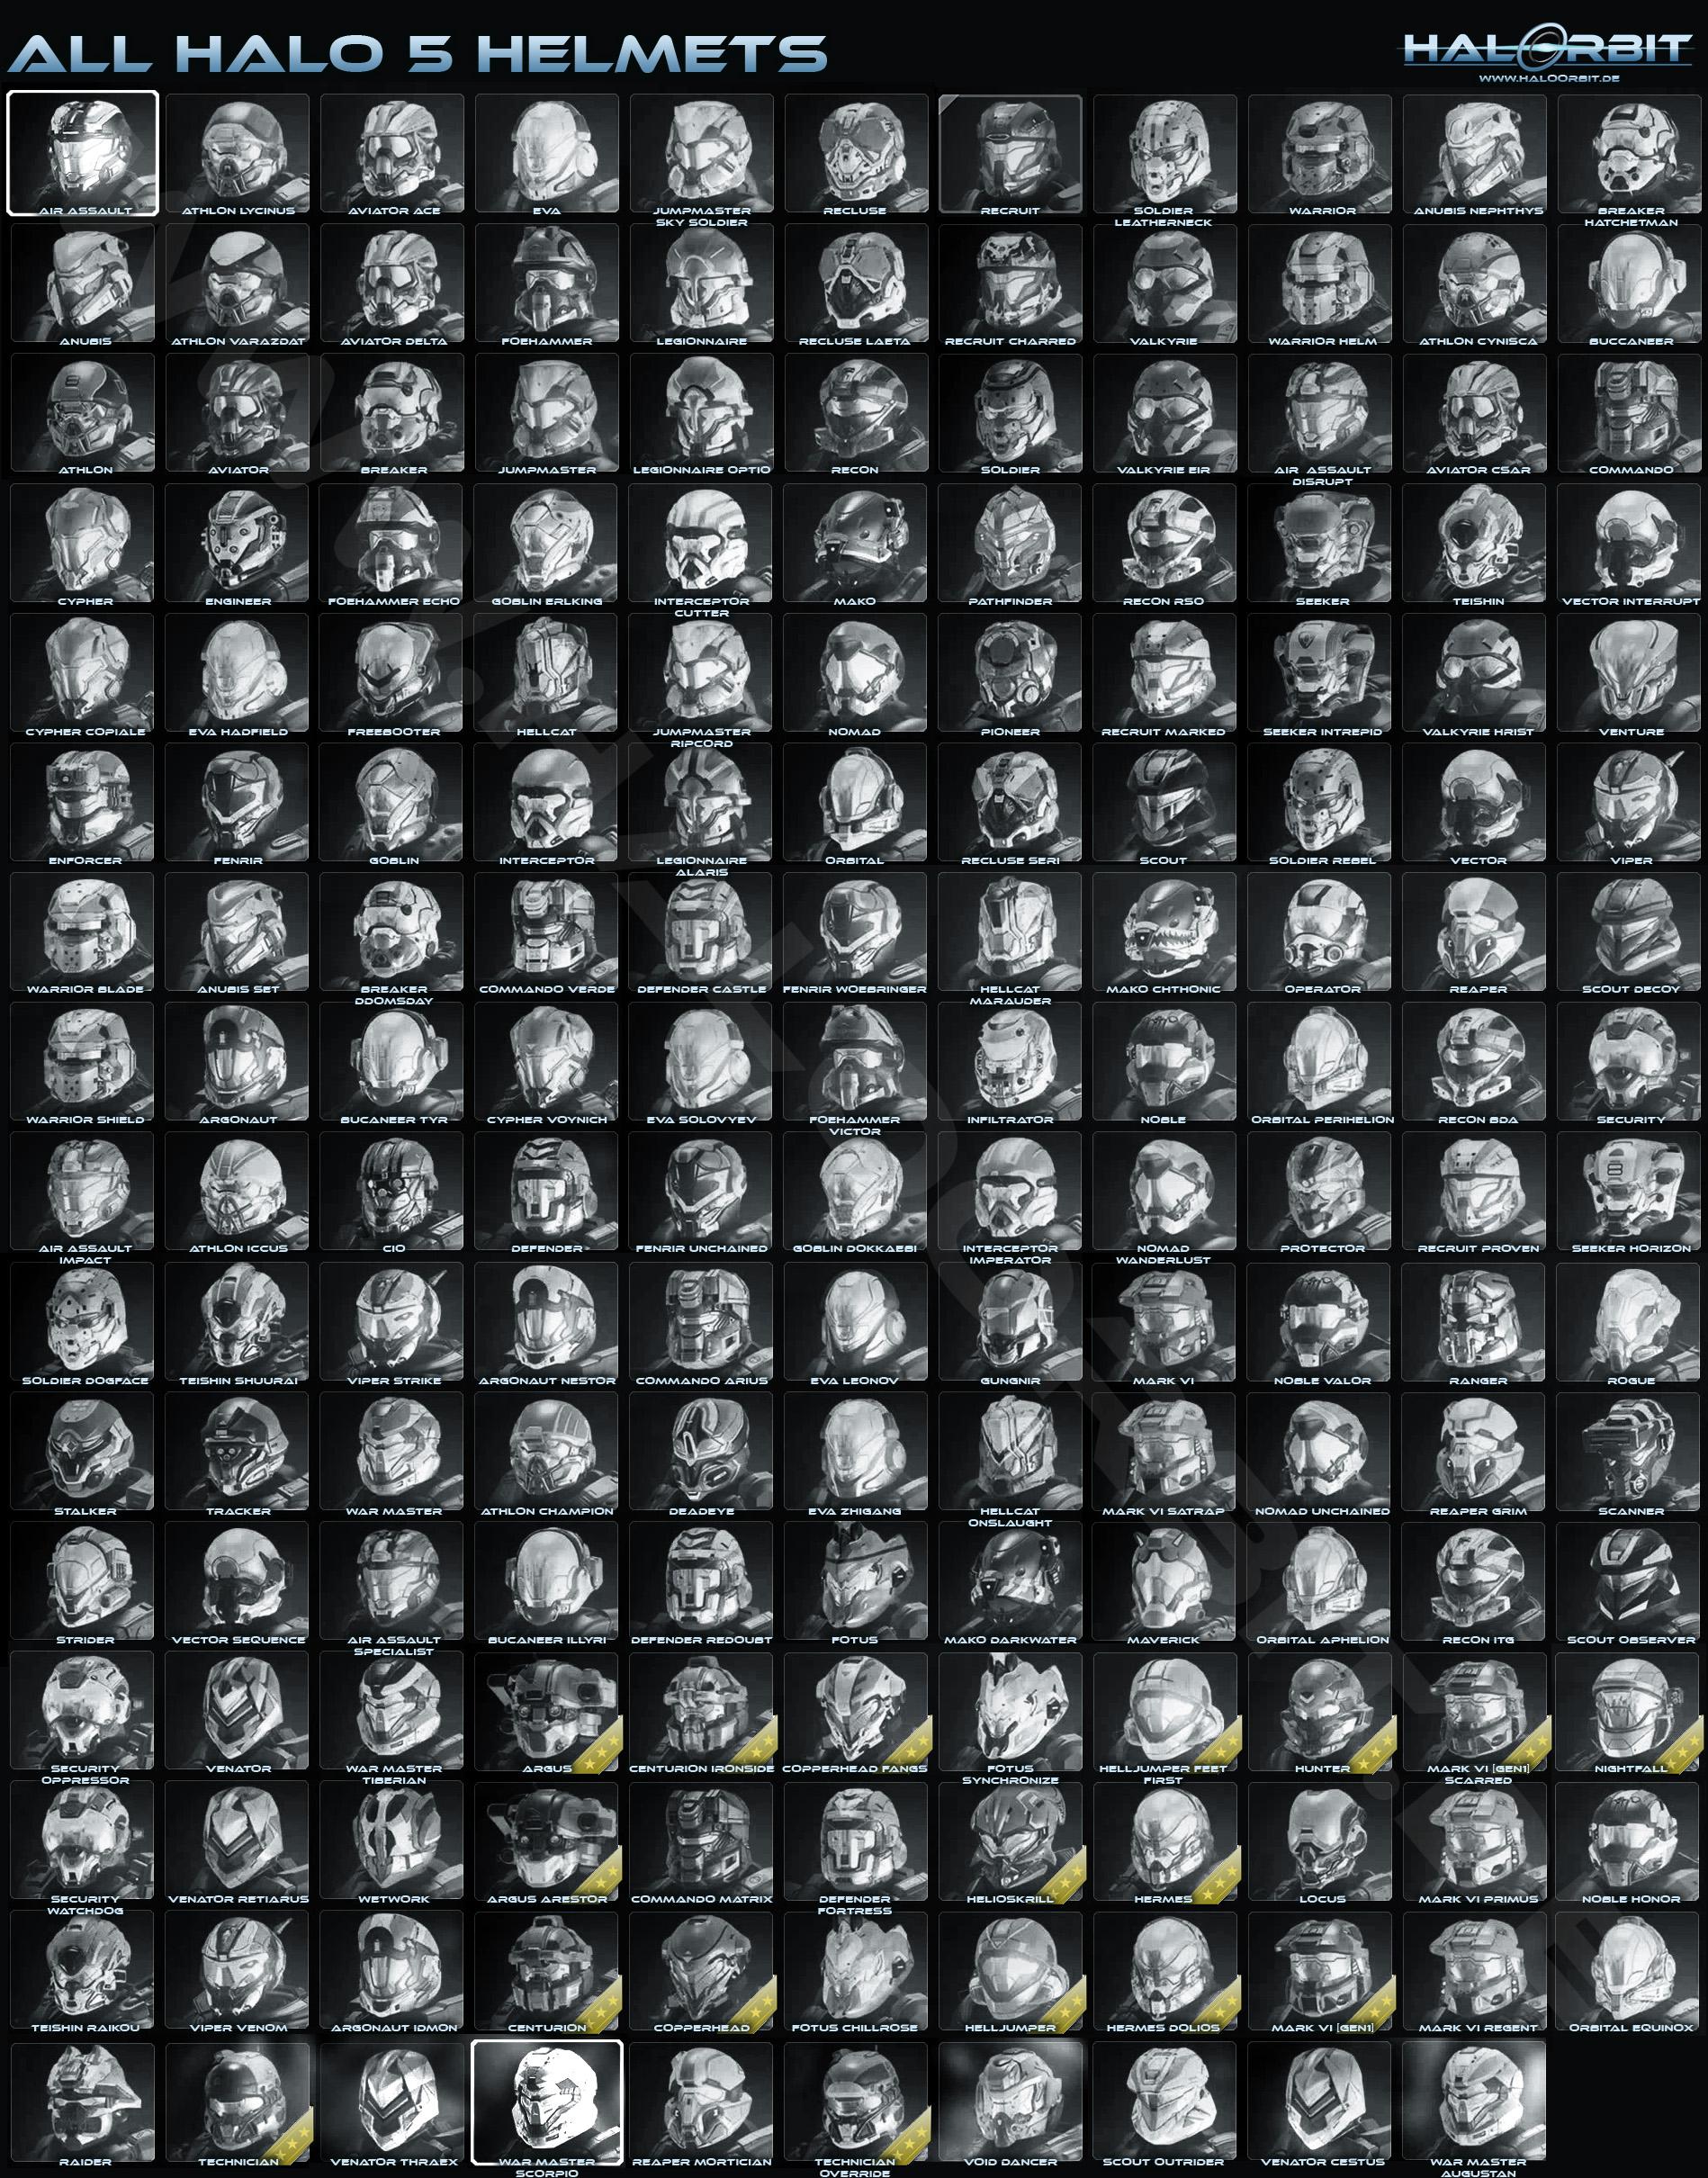 h5_helmets.jpg